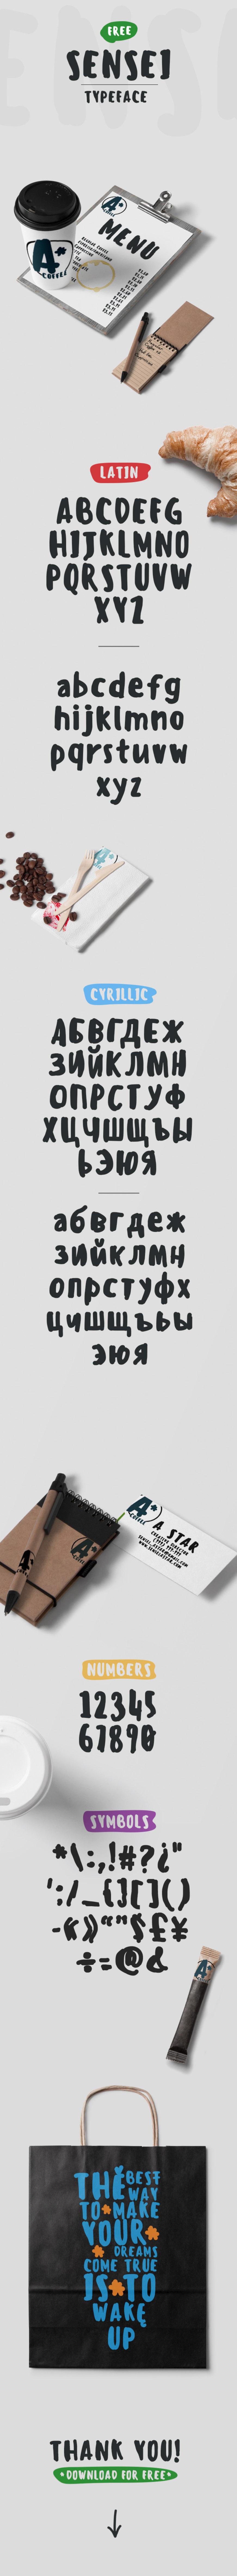 sensei typeface